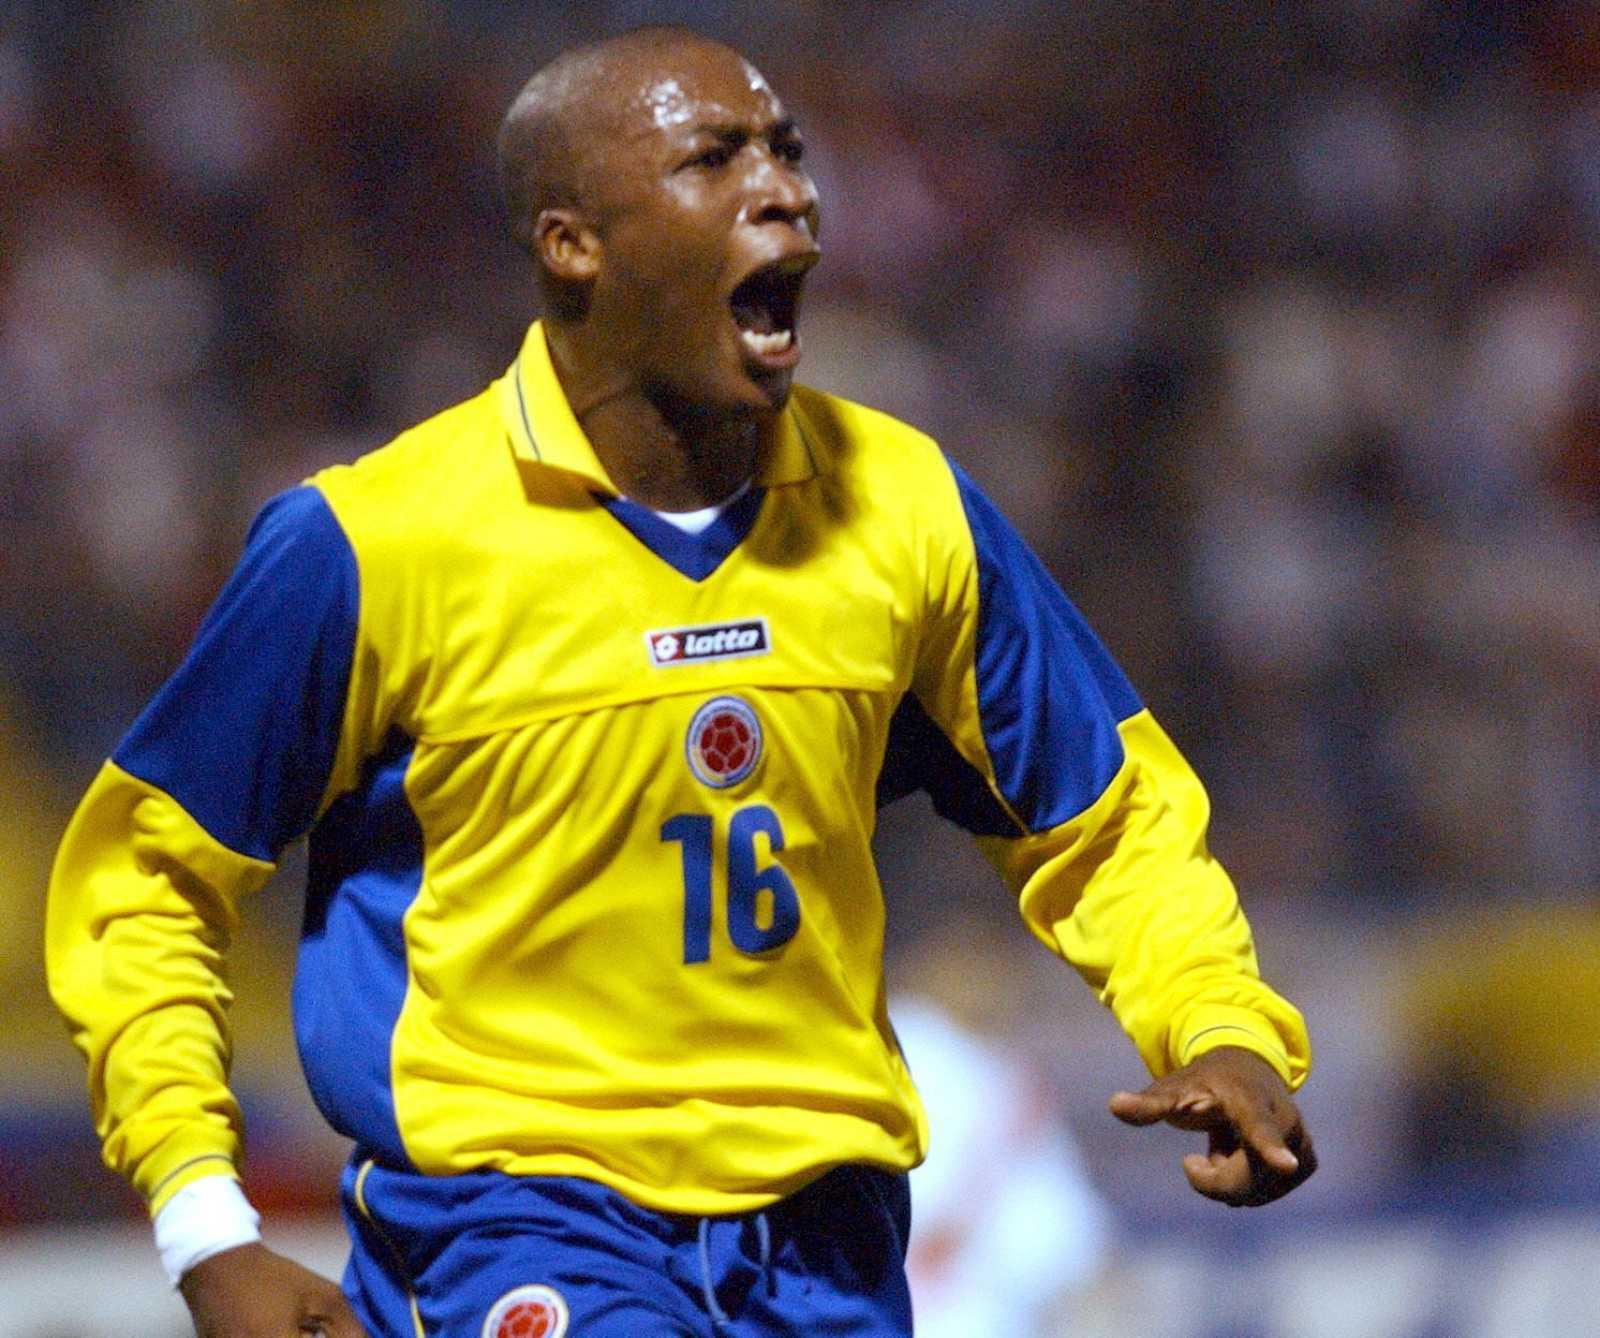 Imagen de archivo del exjugador colombiano Edwin Congo durante un partido de su selección.